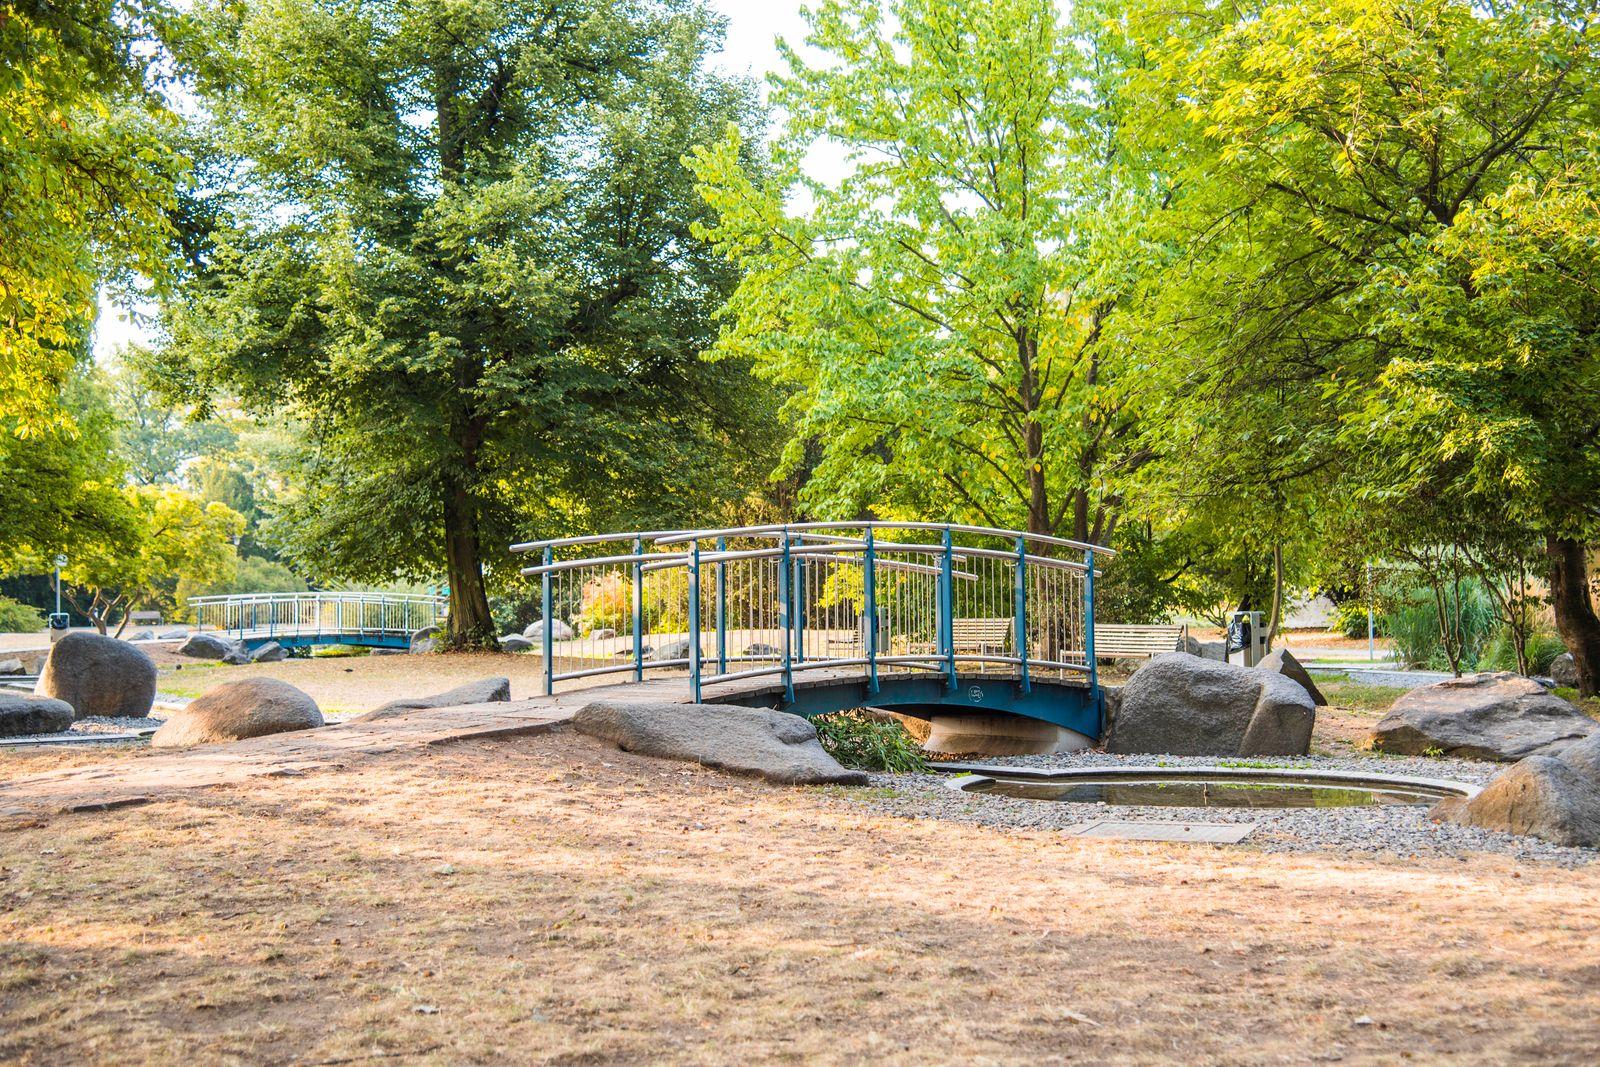 Menschenleerer Spielplatz im Stadtpark. Nürnberg, 18.03.2020 *** Empty playground in the Nuremberg municipal park, 18 0